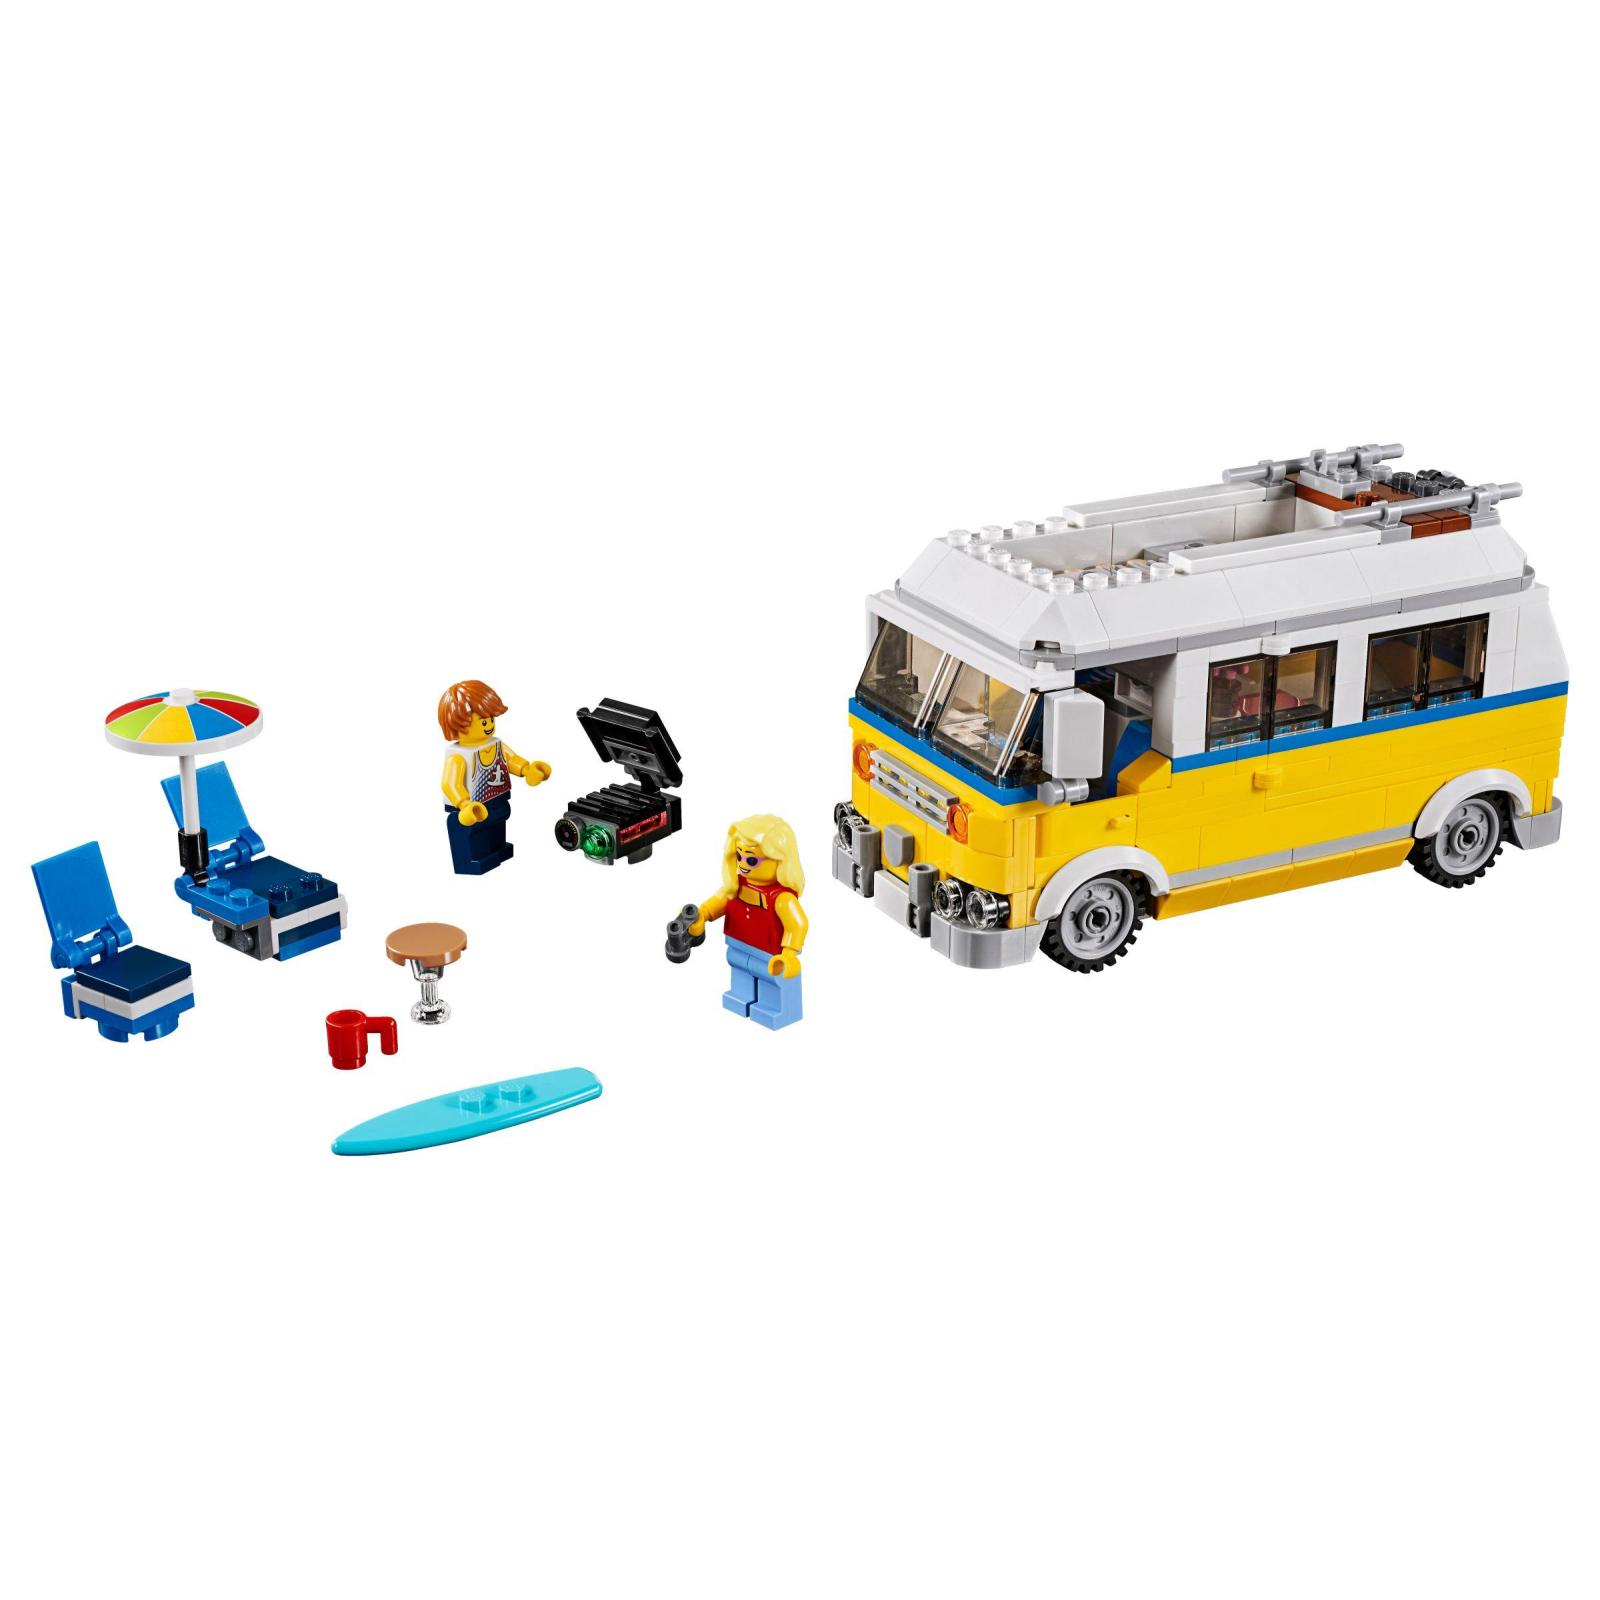 Конструктор LEGO Creator Солнечный фургон серфингиста (31079) изображение 2